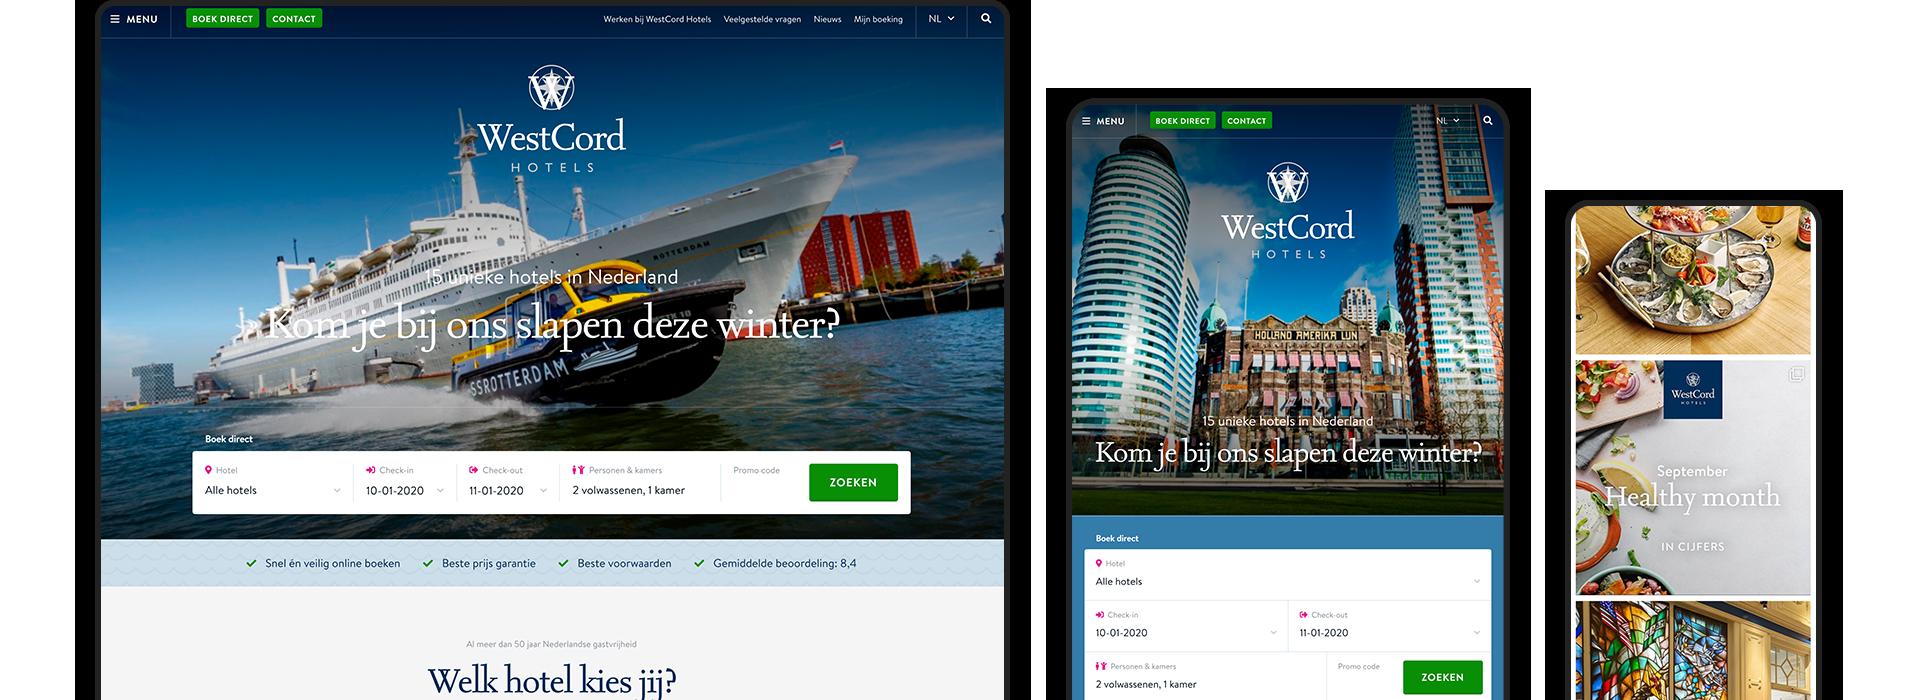 Voel je thuis bij WestCord Hotels